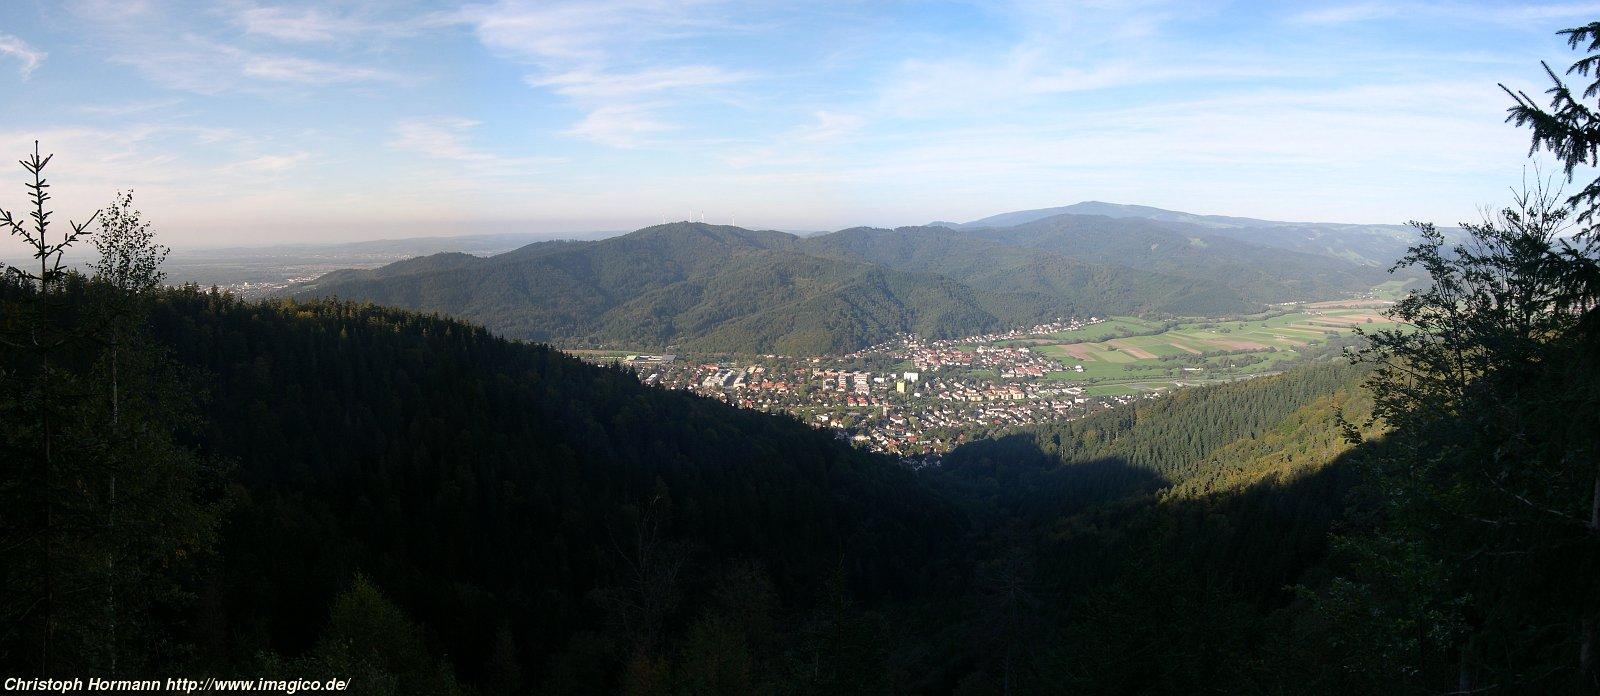 Imagico De Photos From Freiburg And Environment